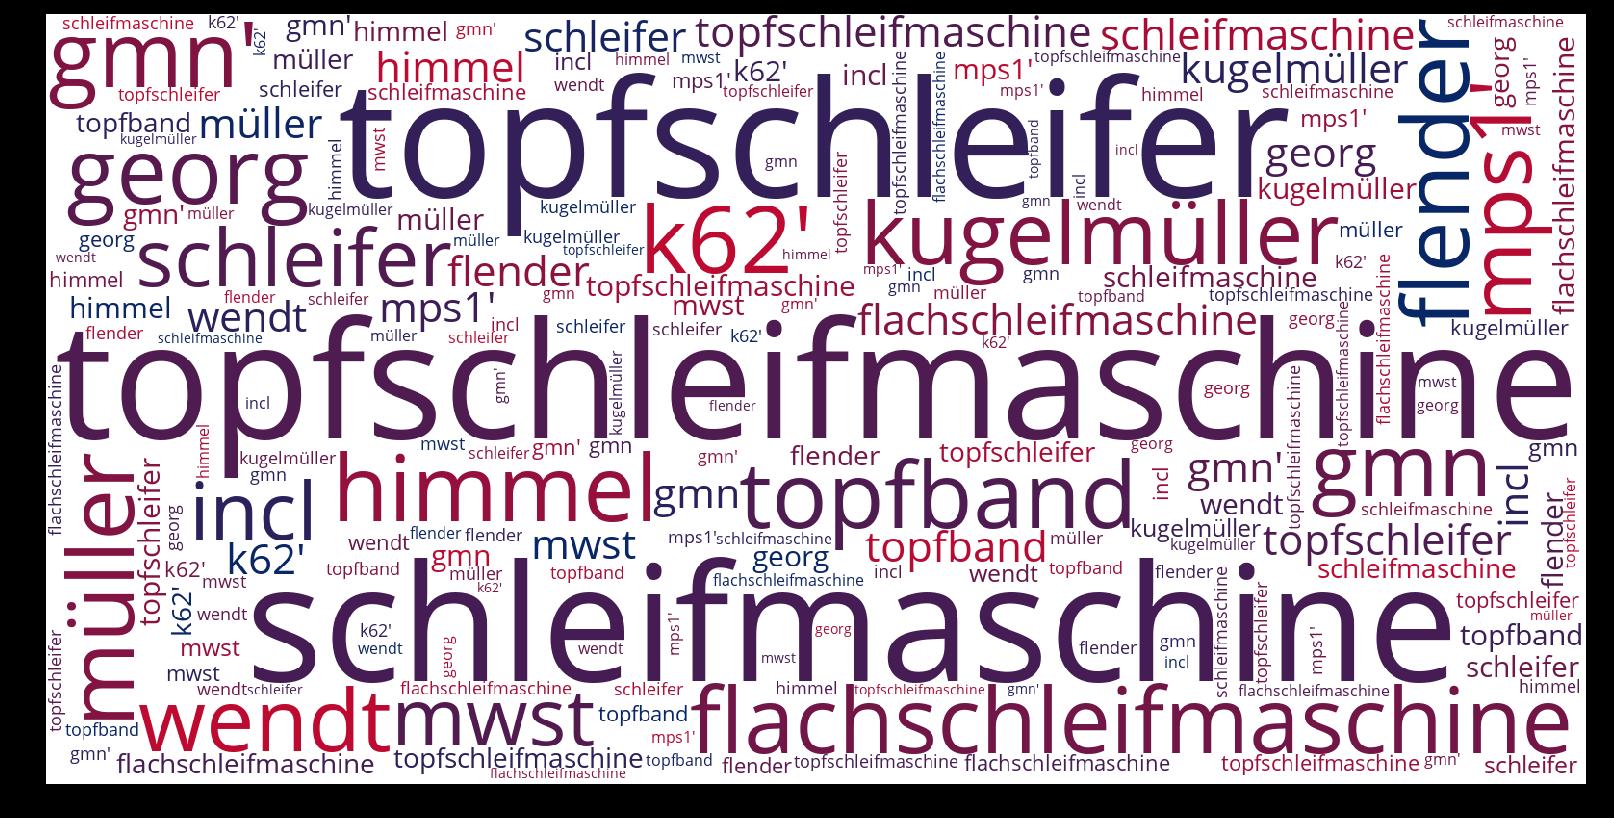 Topfschleifmaschine-wordcloud